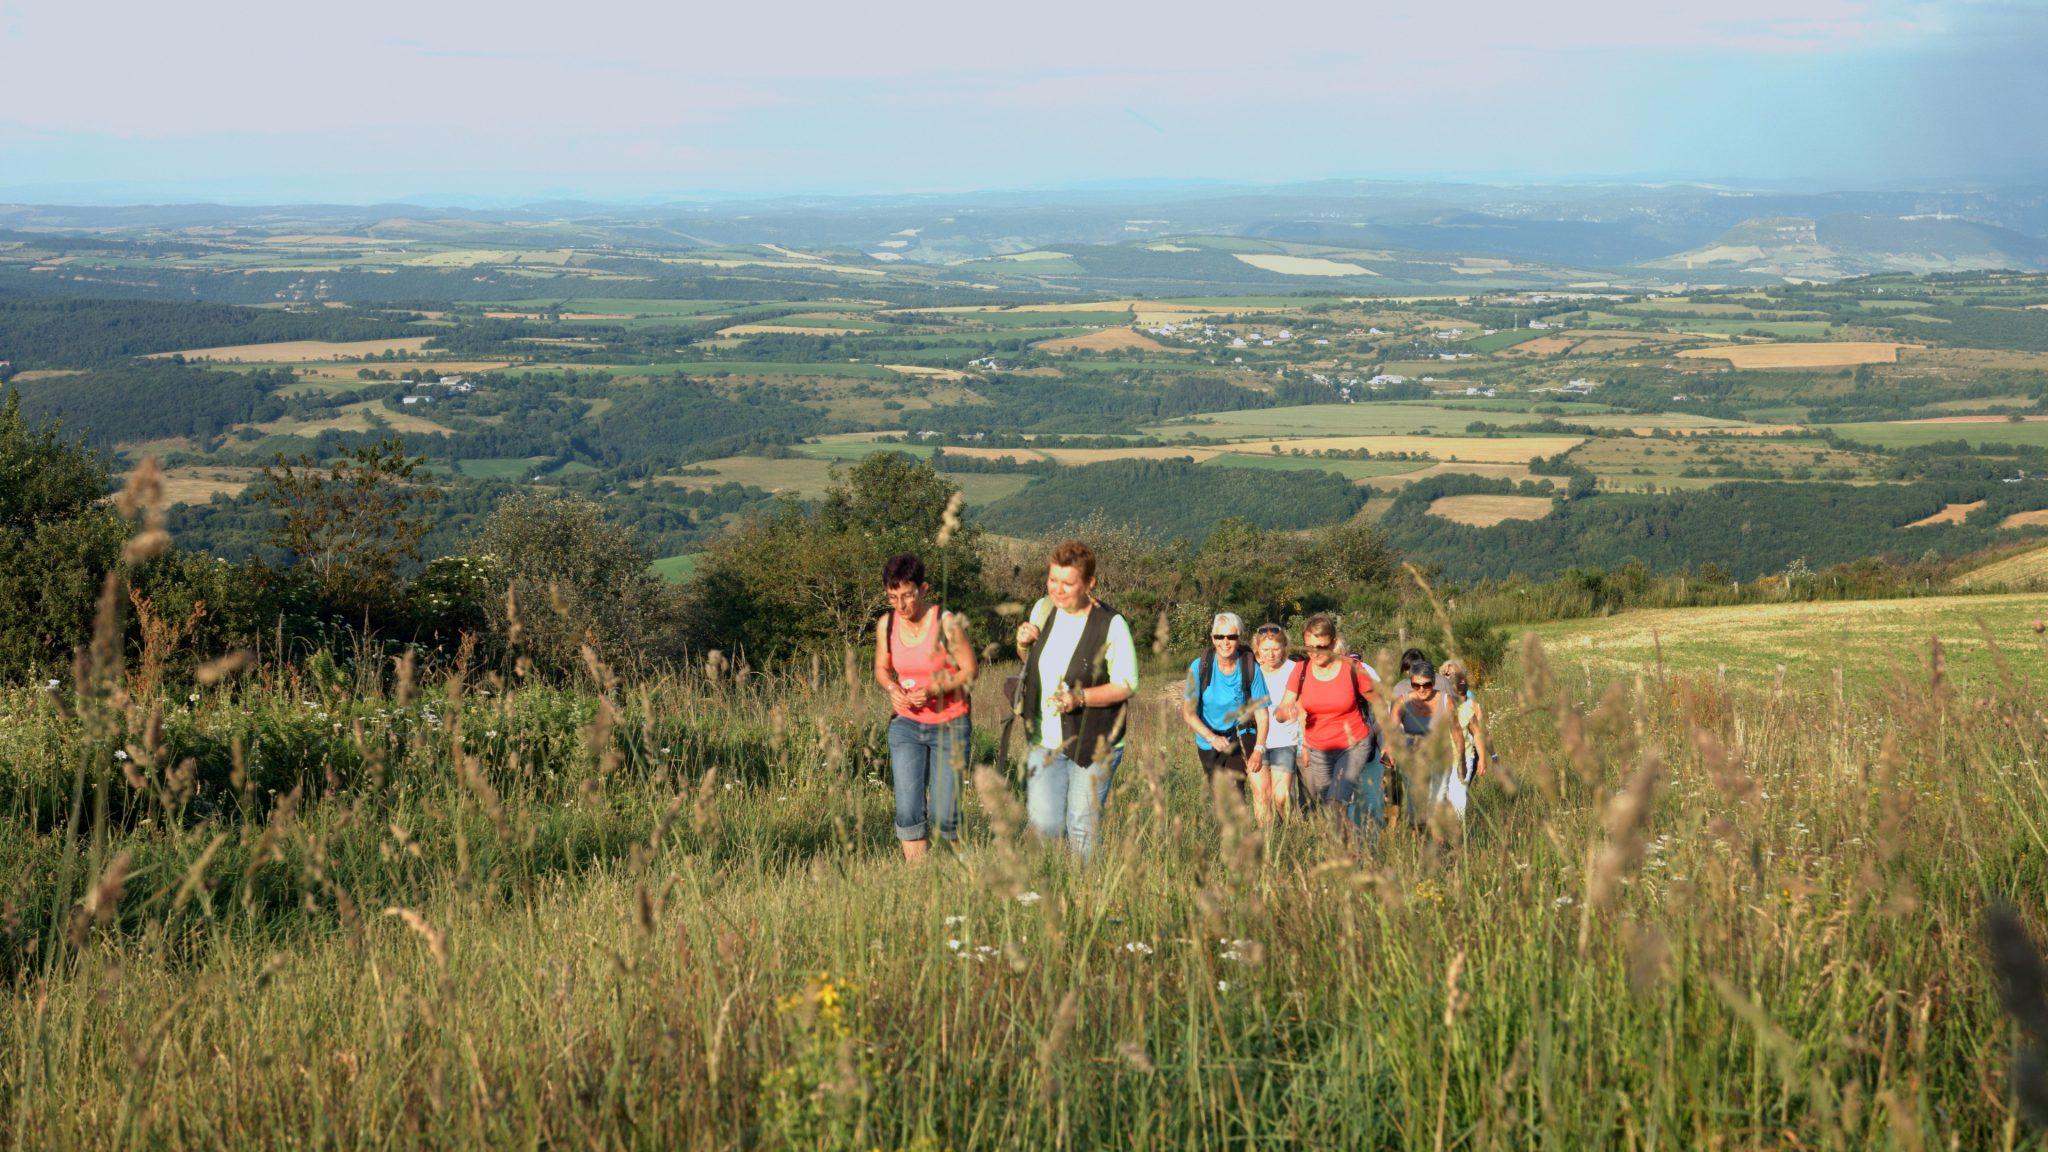 Randonnée au Monseigne sur le Lévézou en Aveyron